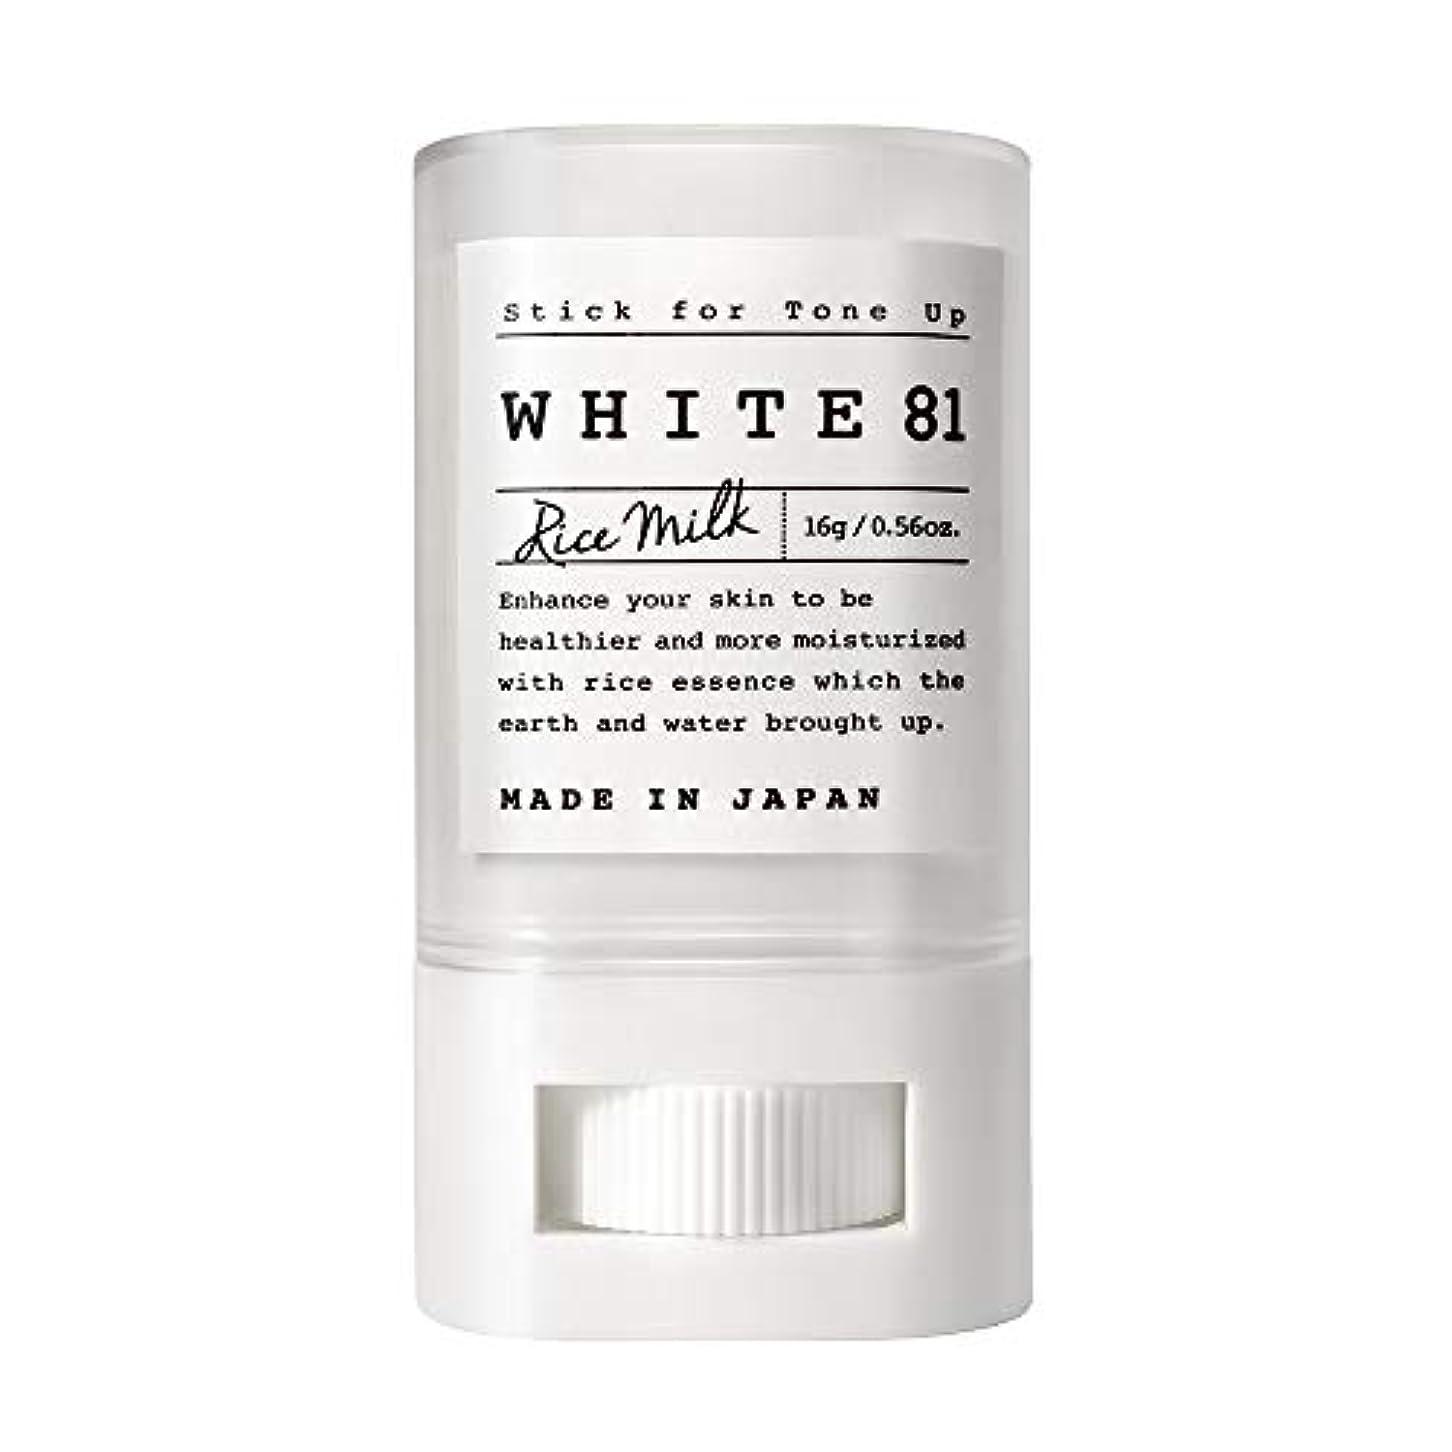 経過つかむ消費者WHITE81 ホワイト81 トーンアップスティック(化粧下地?日焼け止め / SPF35?PA+++?ウォータープルーフ?複合保湿成分配合?肌に優しい6種のフリー / 日本製)